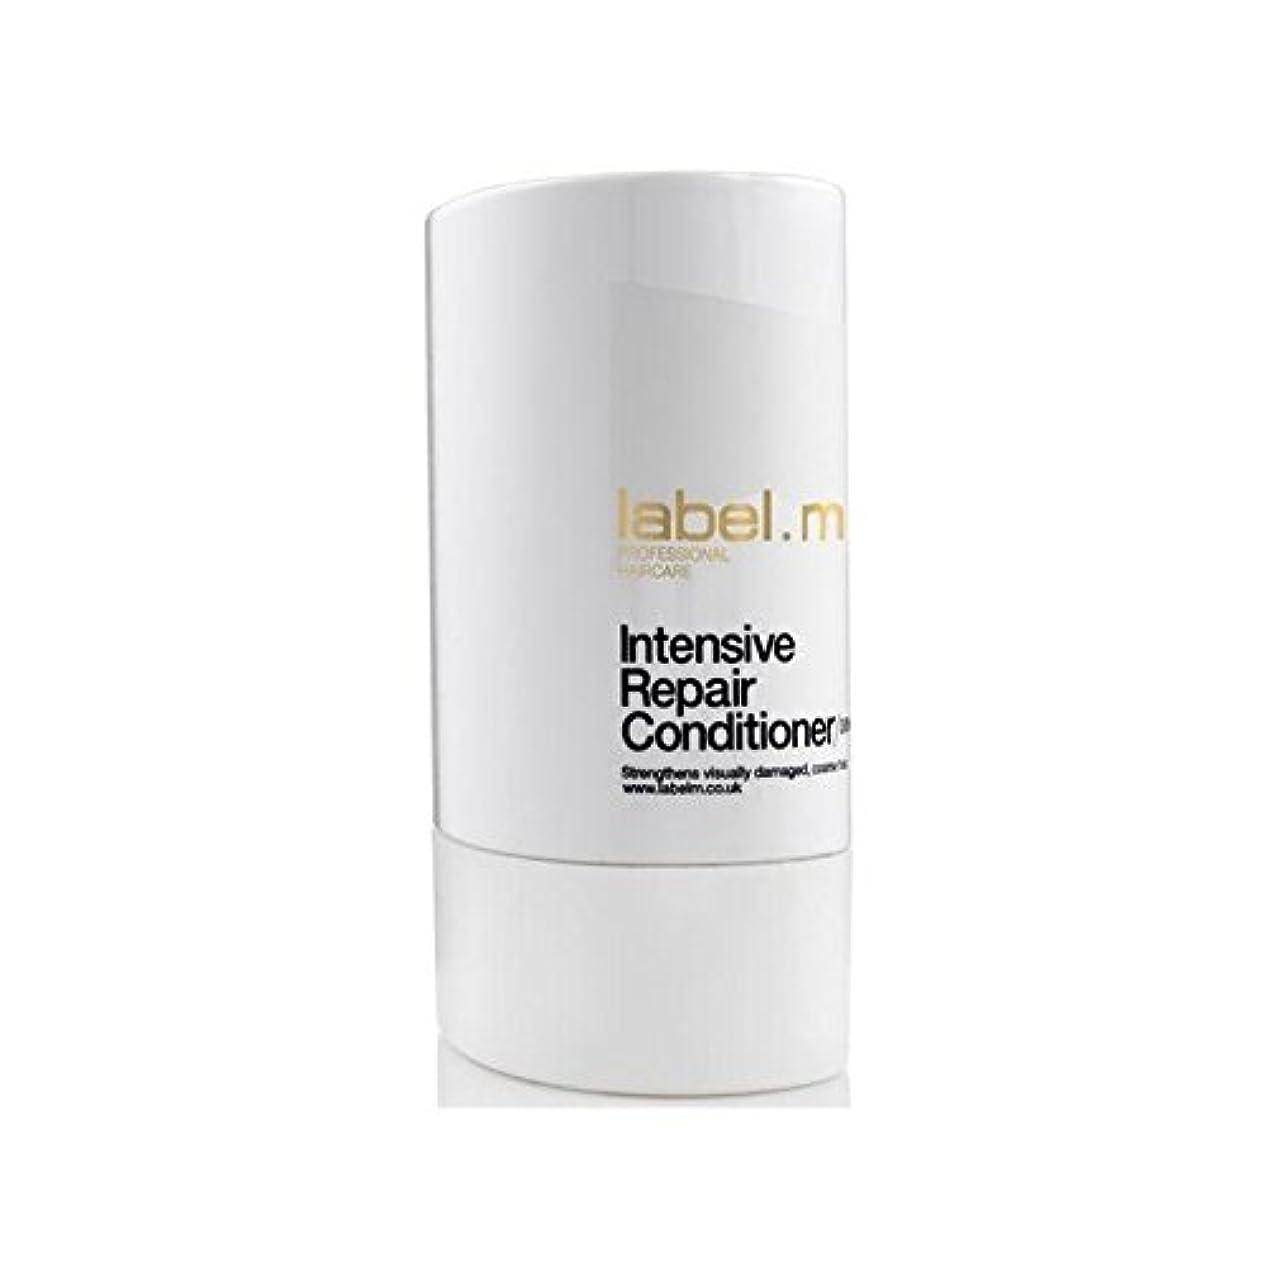 観察本物のよろしくLabel.M Intensive Repair Conditioner (300ml) - .の集中リペアコンディショナー(300ミリリットル) [並行輸入品]